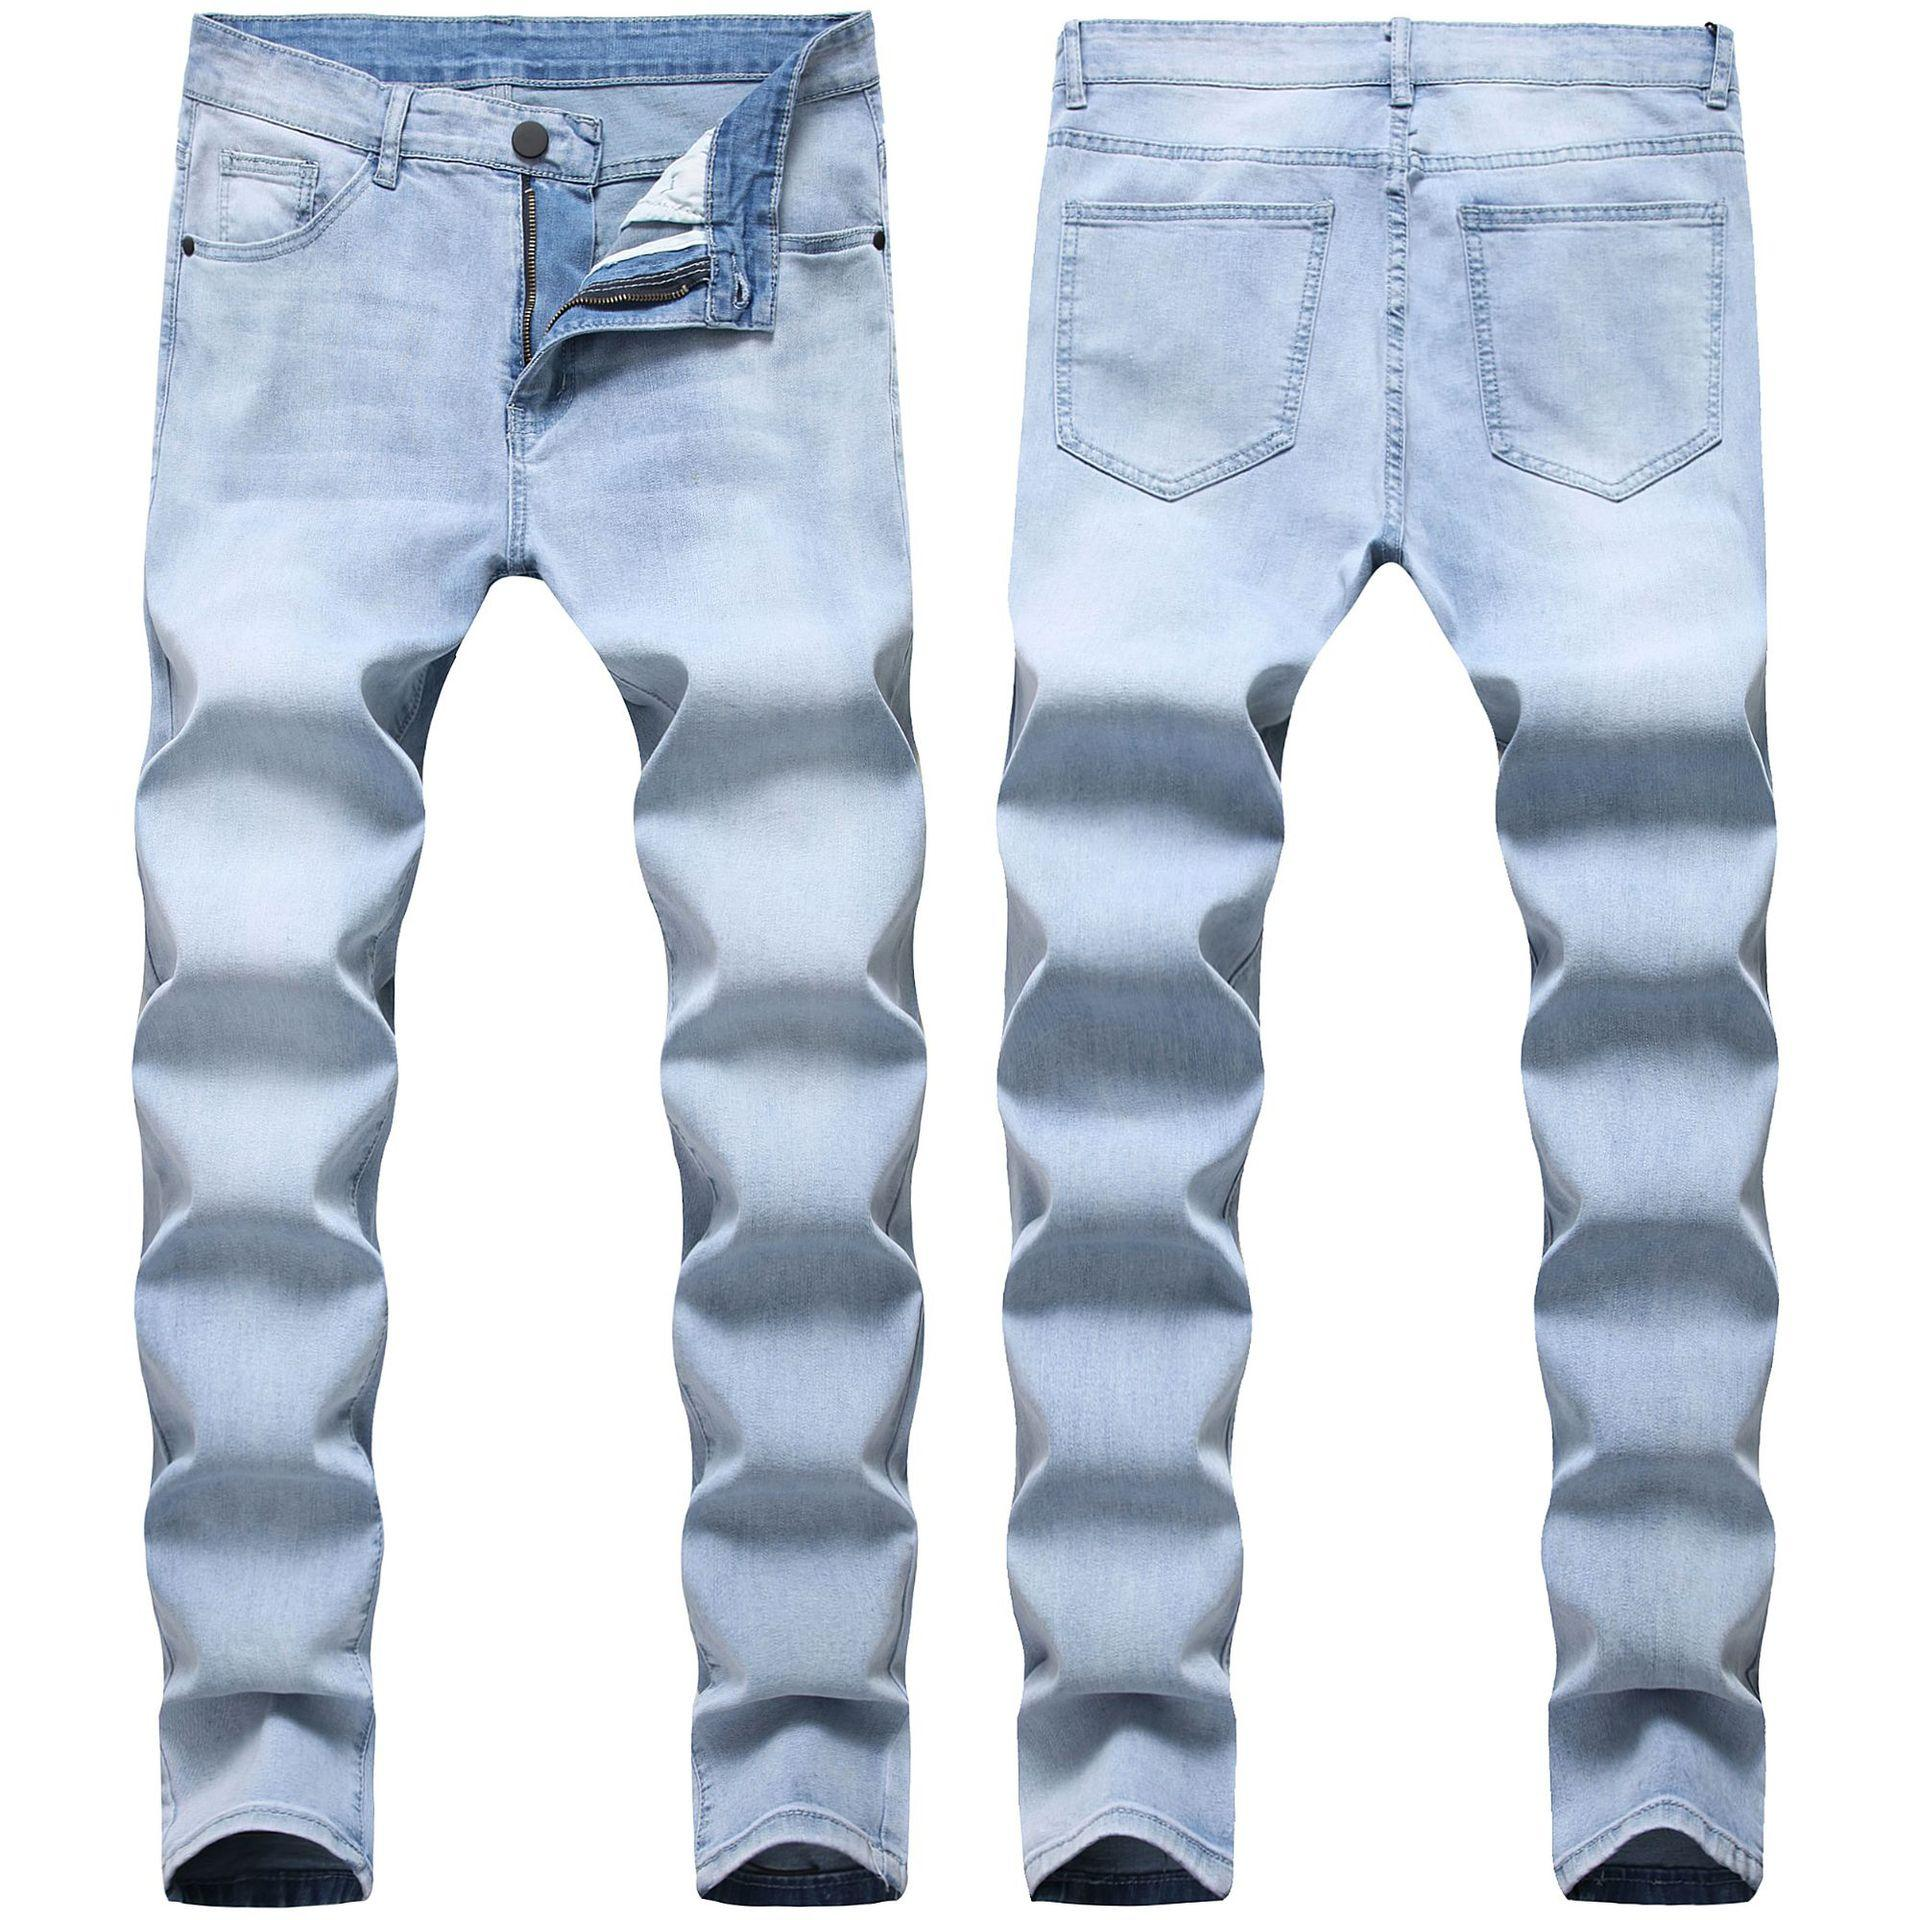 Sıska Erkek Kot Mavi Serin Erkekler Kot Streç Slim Fit Denim Biker Jeans Hip Hop Erkekler Streetwear 3822 #